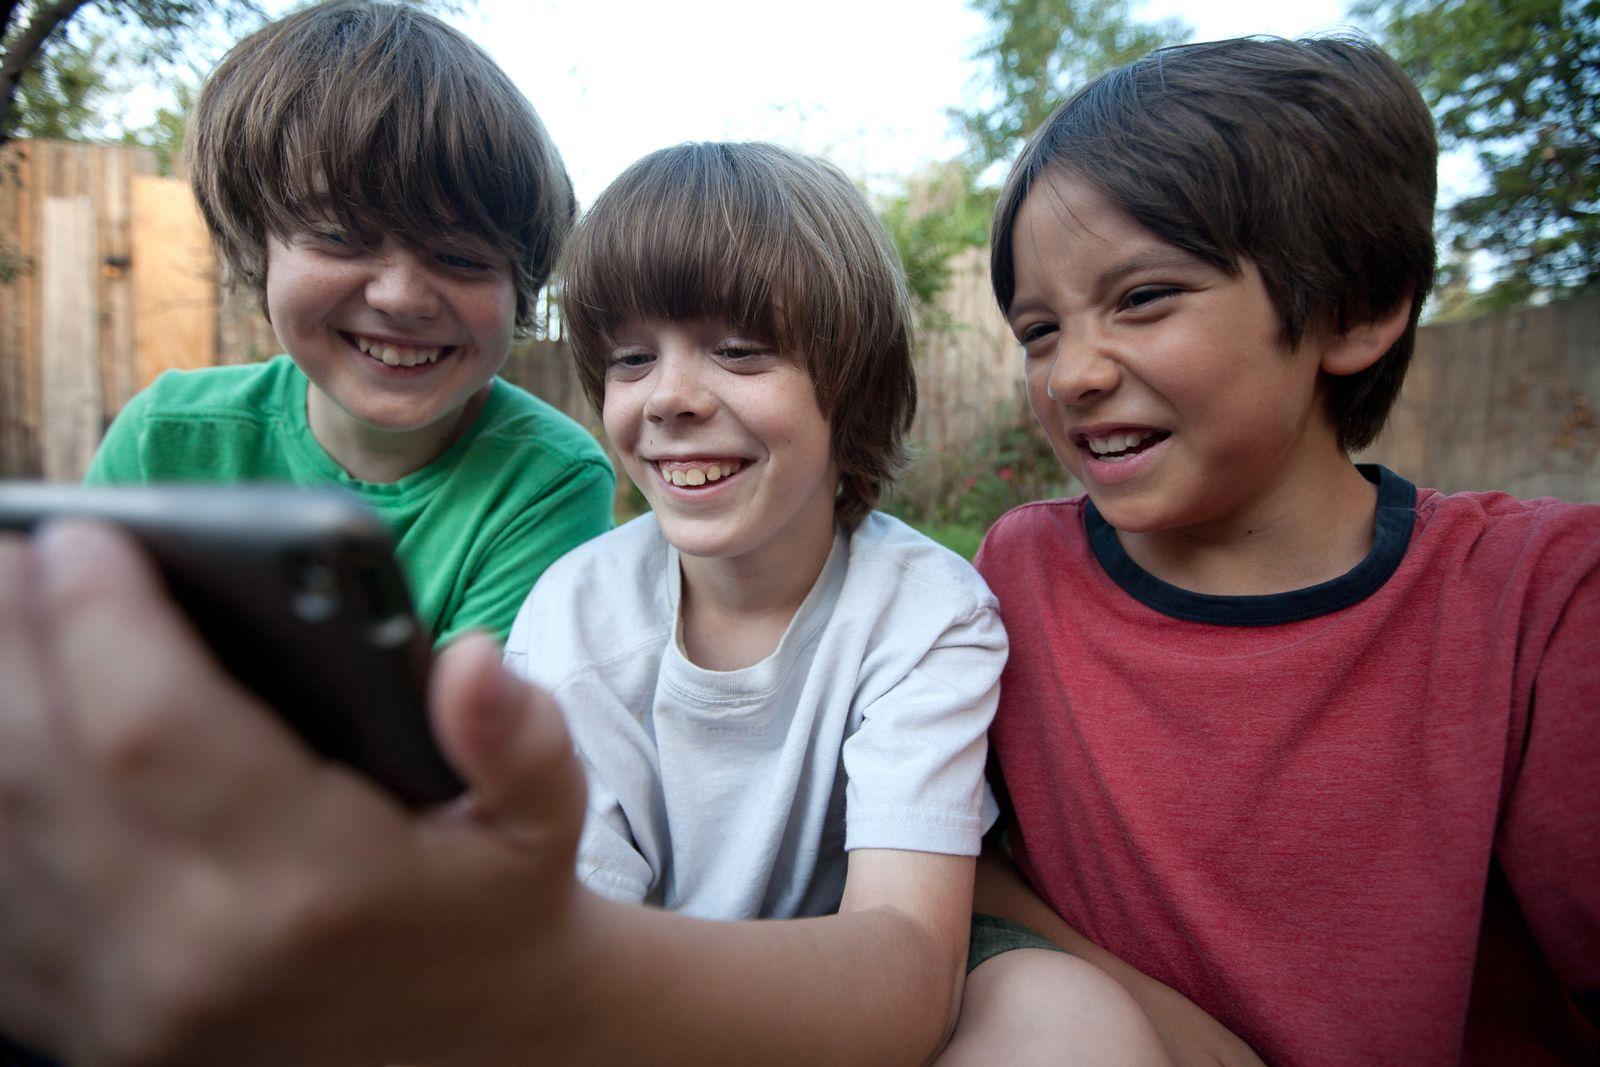 NICHT MEHR VERWENDEN! - Symbolbild Kinder/ Smartphone